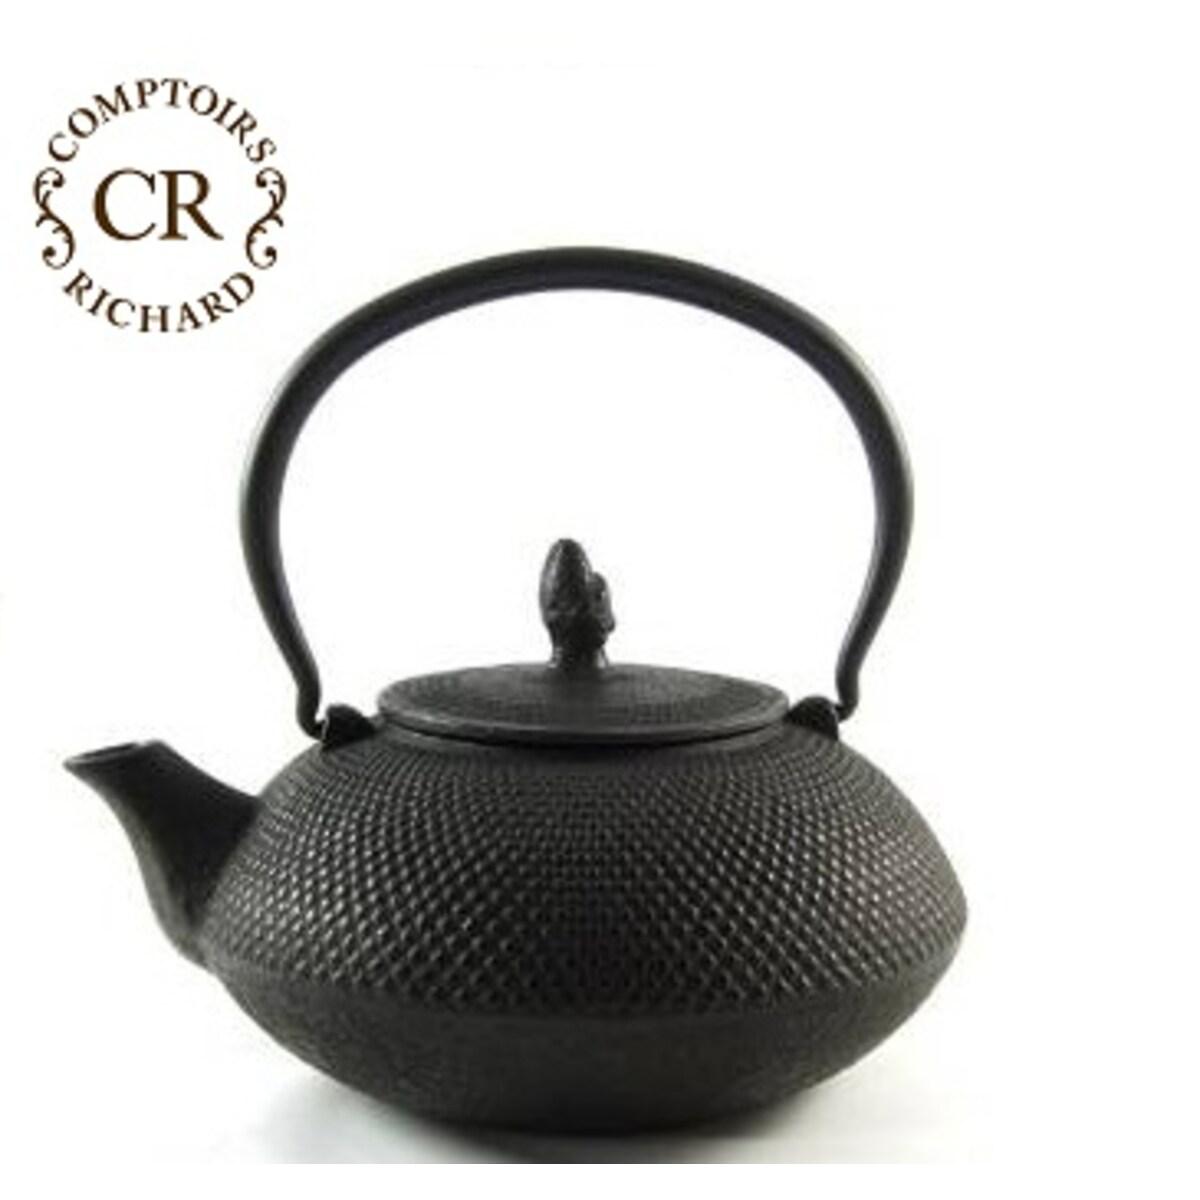 Comptoirs Richard чугунен чайник - черен